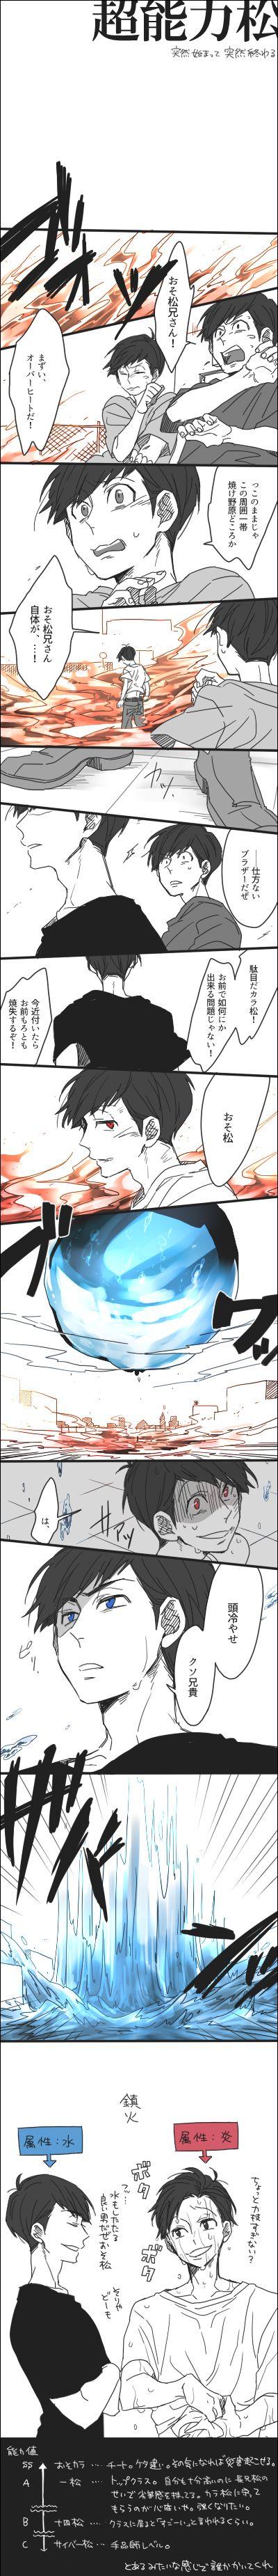 「【腐】おそ松さん詰め④」/「ゆた」の漫画 [pixiv]